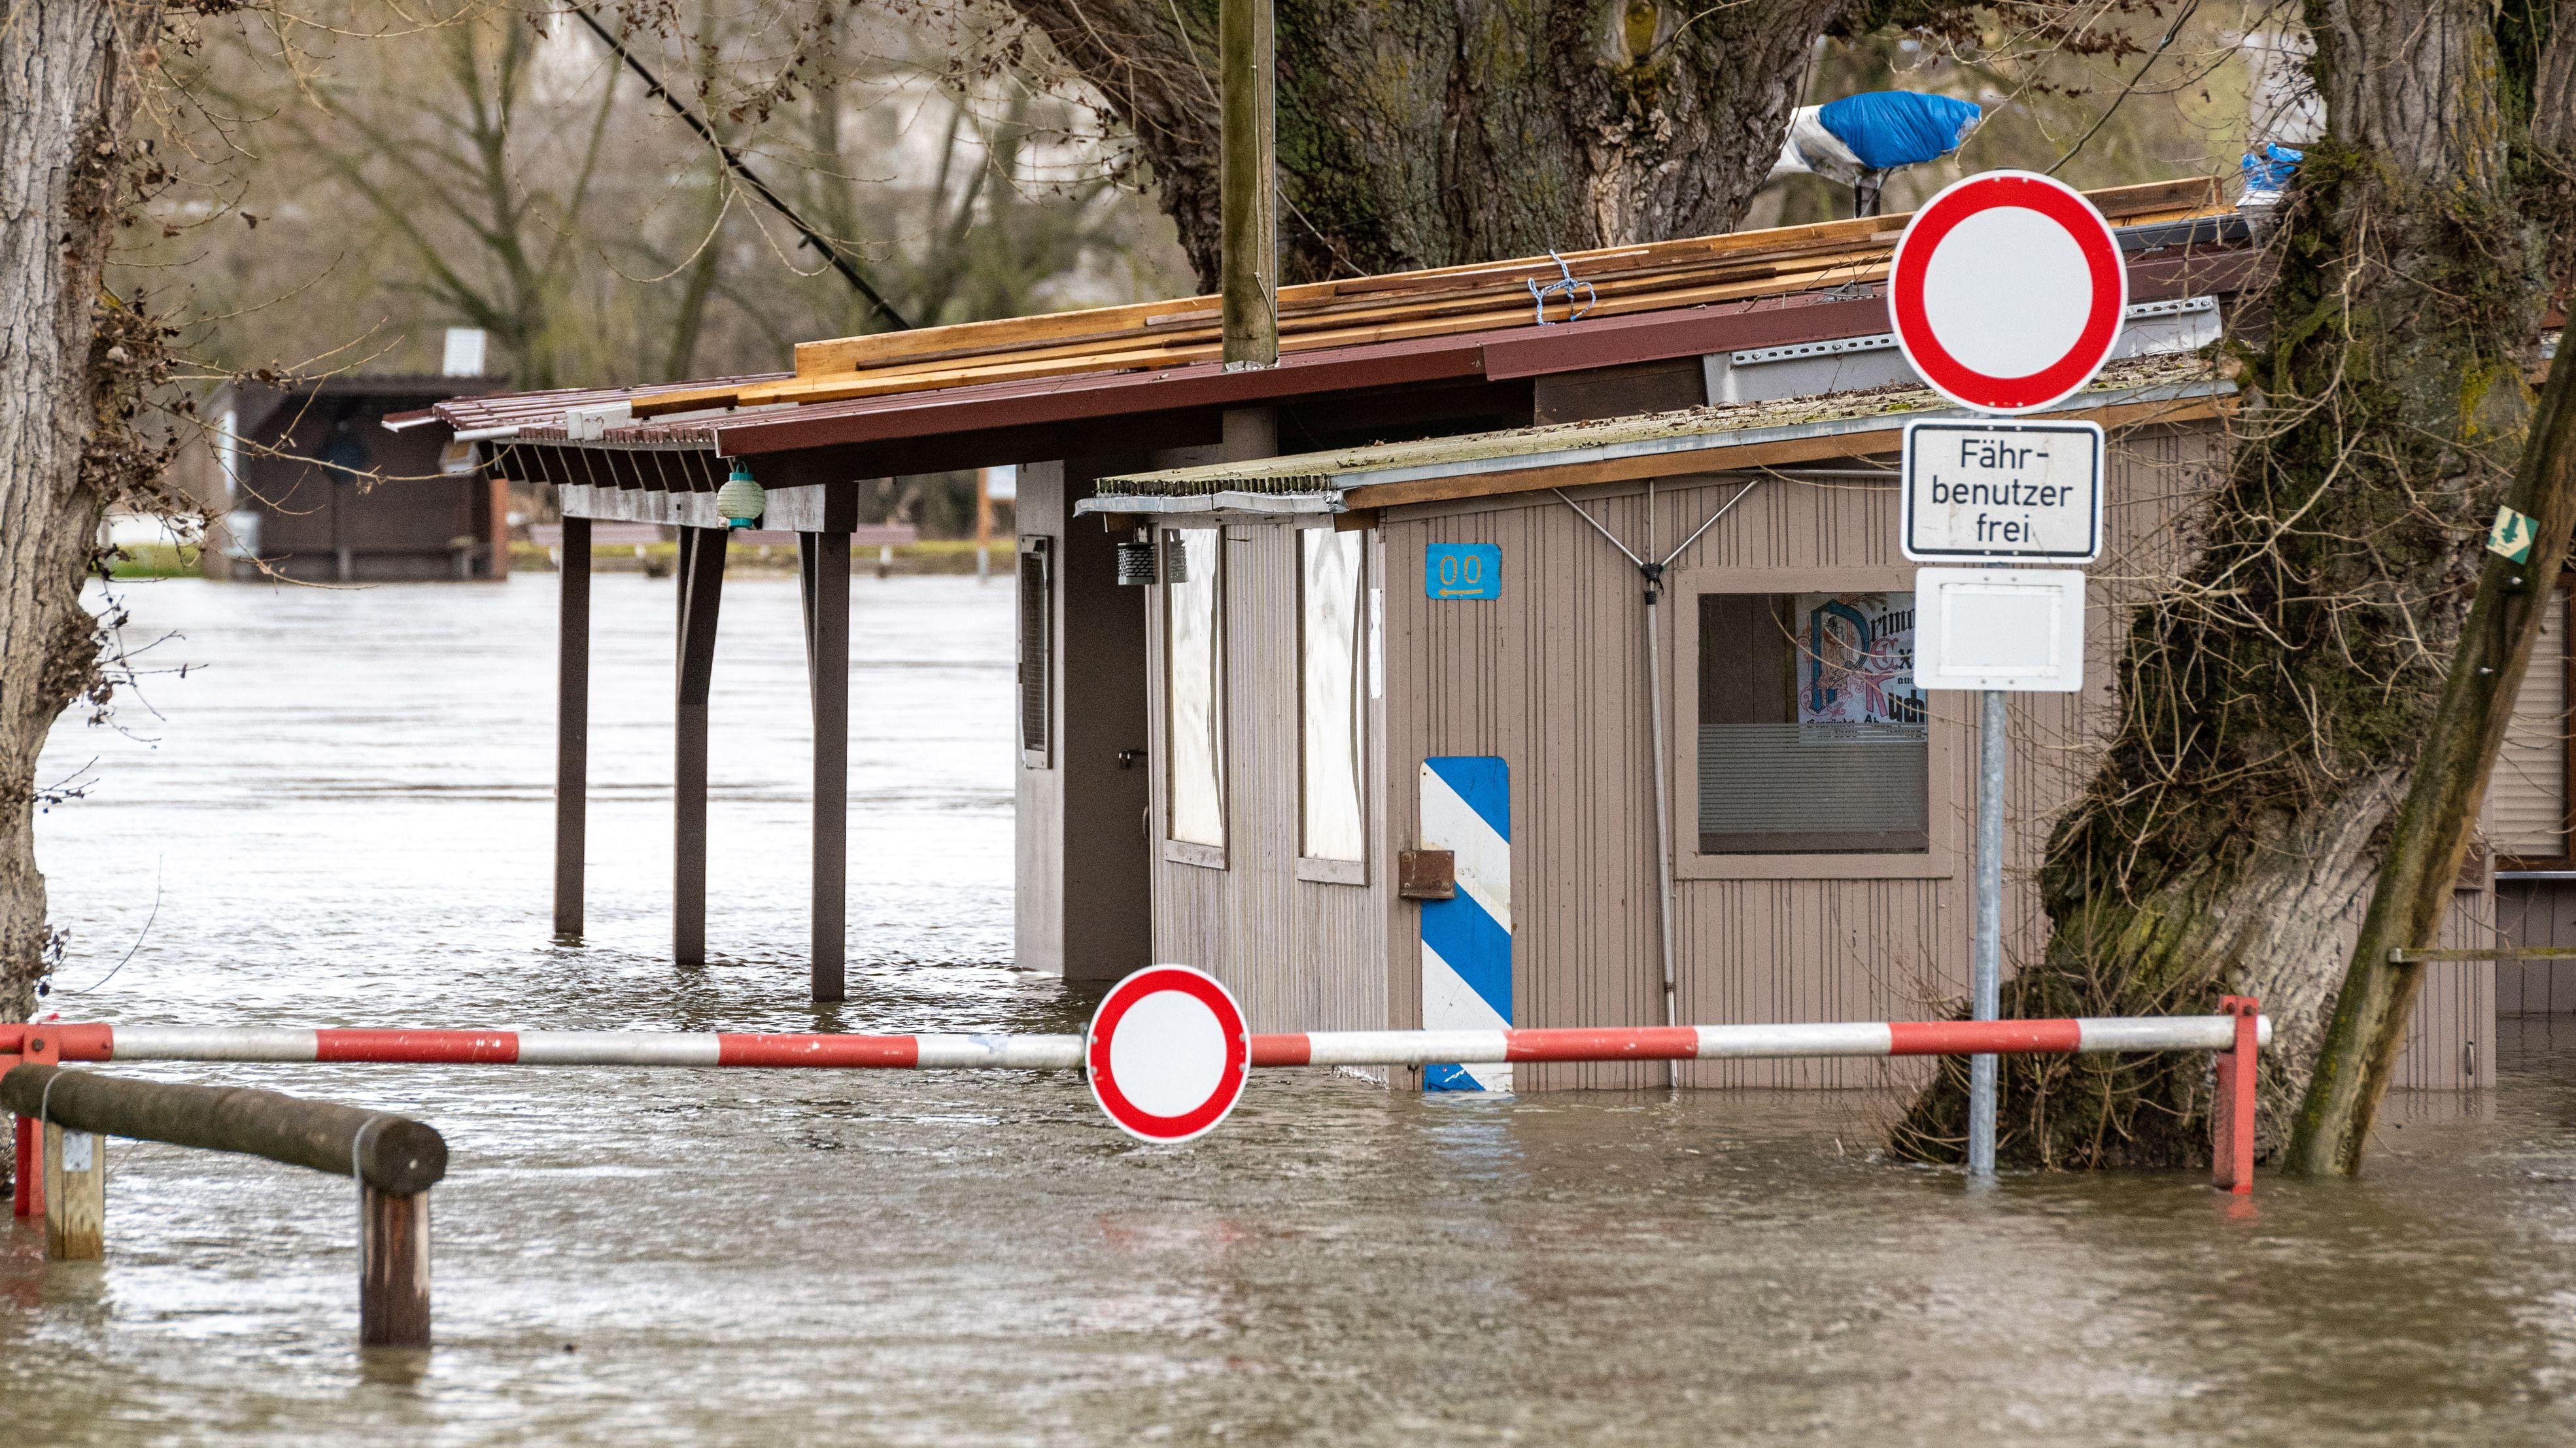 Ein Ausflugslokal ist von der Donau überflutet. Der Starkregen hat die Flüsse im Freistaat anschwellen lassen.